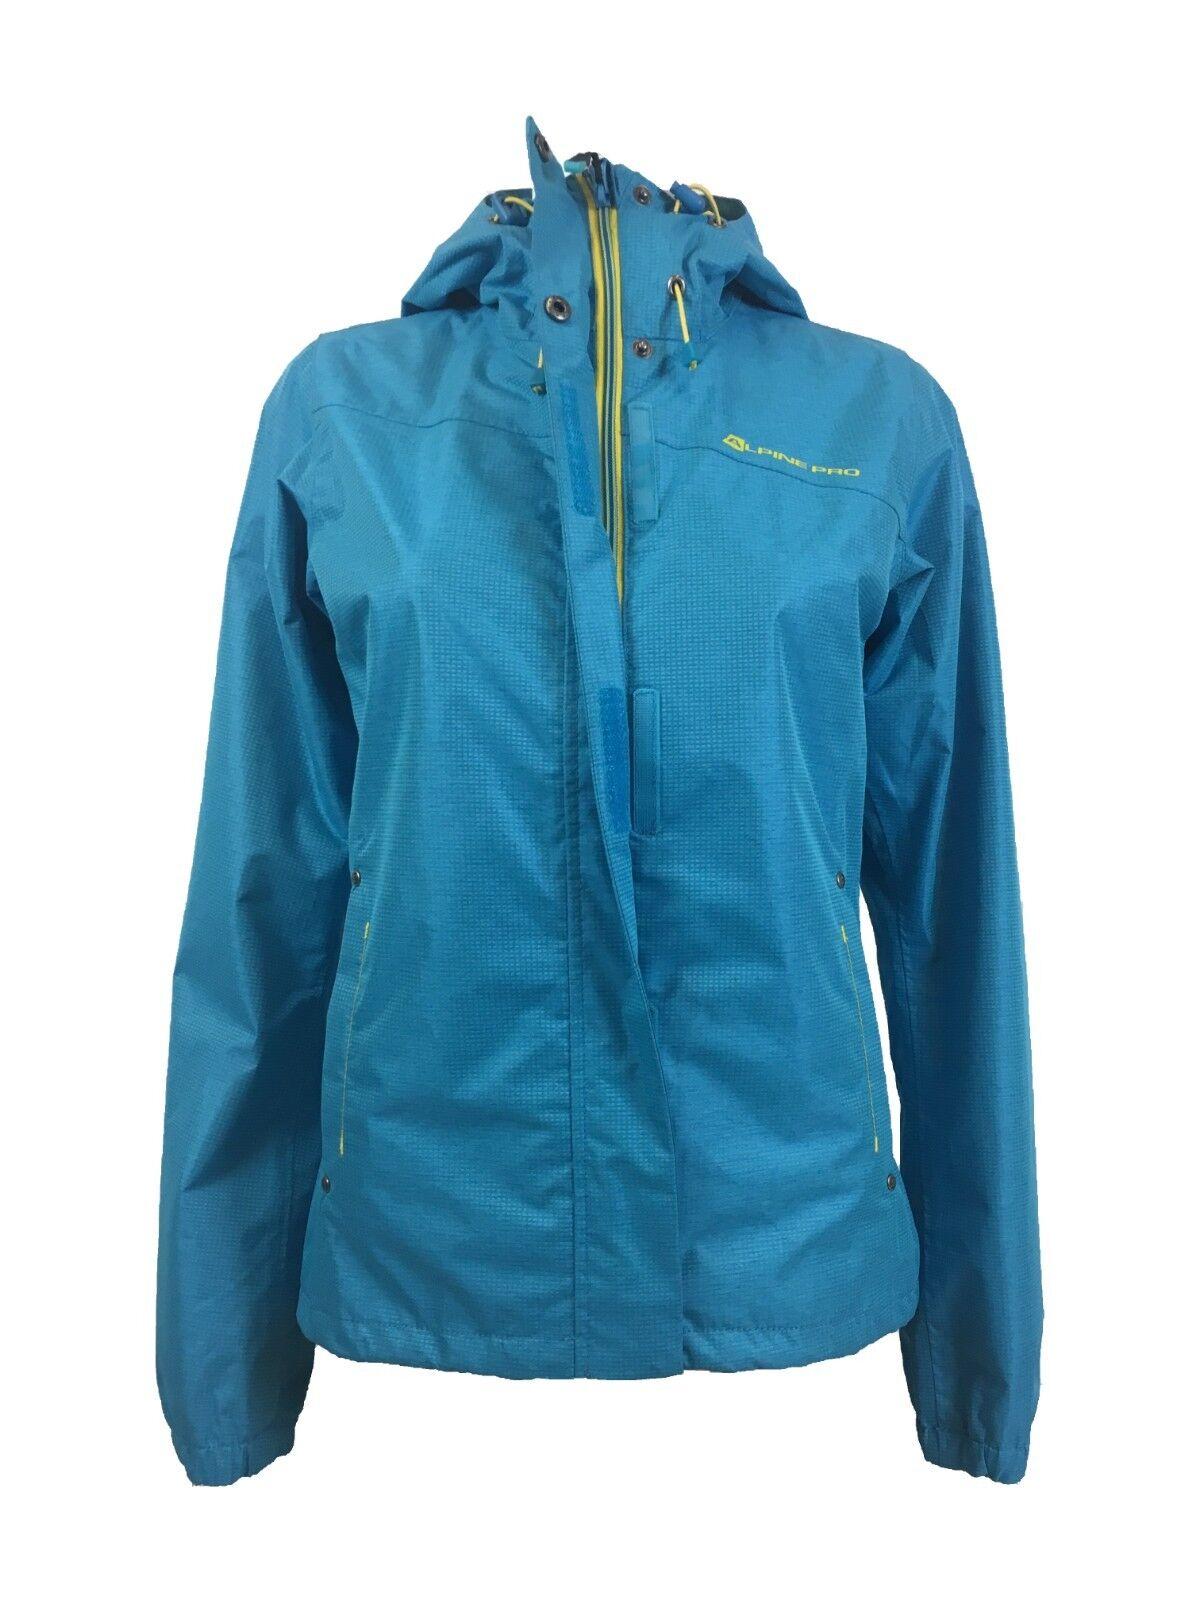 Alpine Pro Zeno Damen Outdoor Funktionsjacke wasserdicht Wanderjacke Jacke Blau